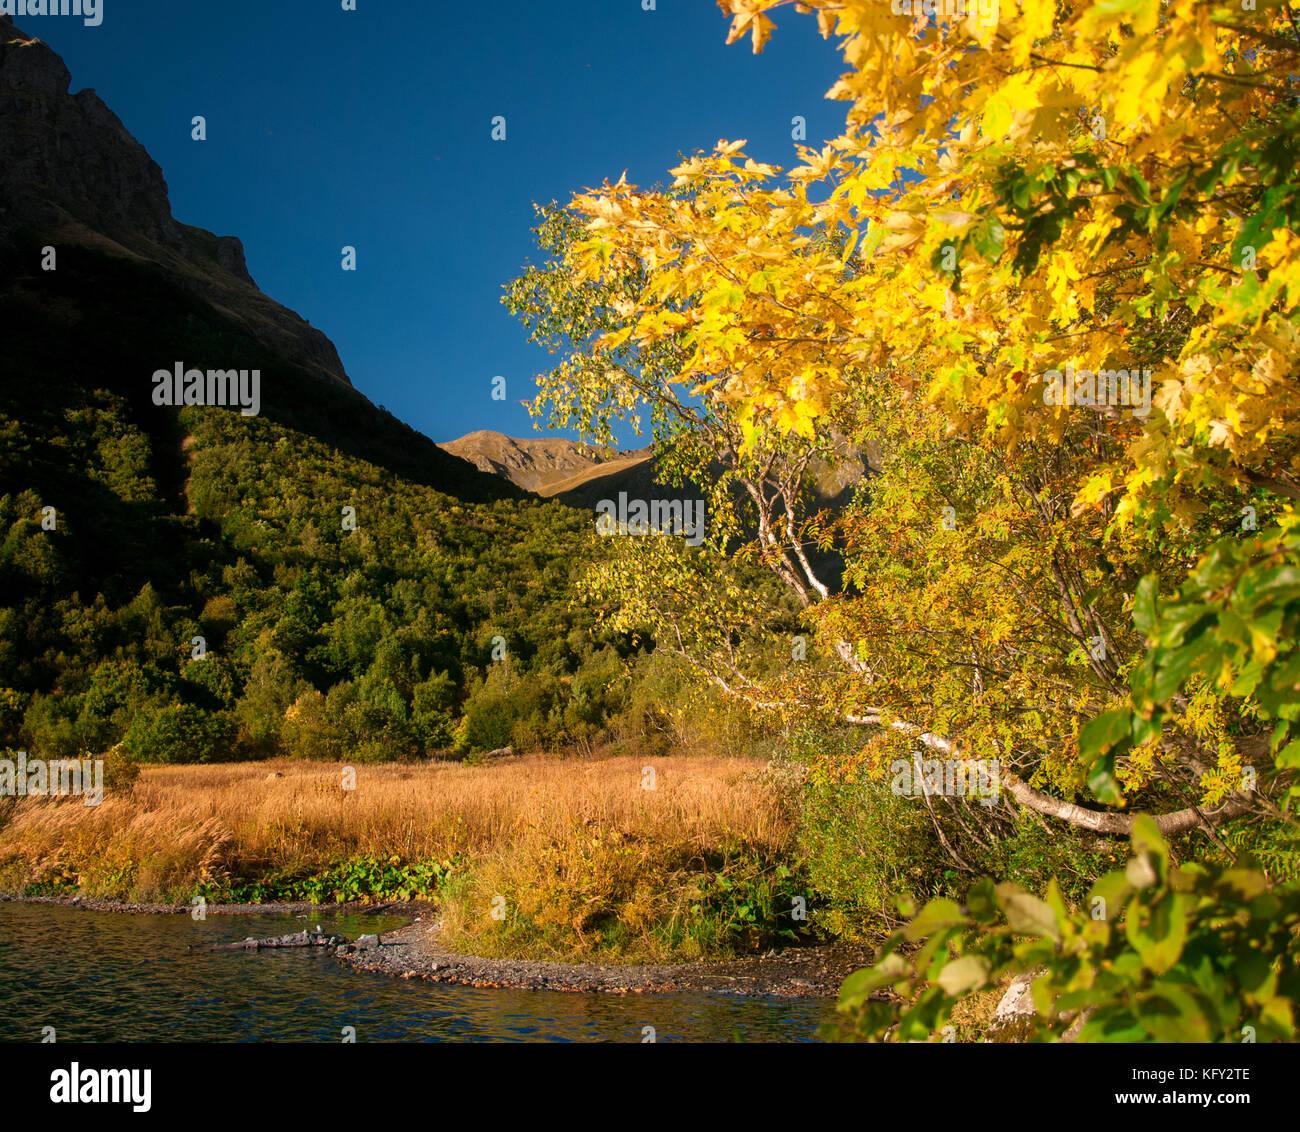 Anfang Herbst am Ufer des Sees kardyvach. Der Rahmen wurde im Herbst ...